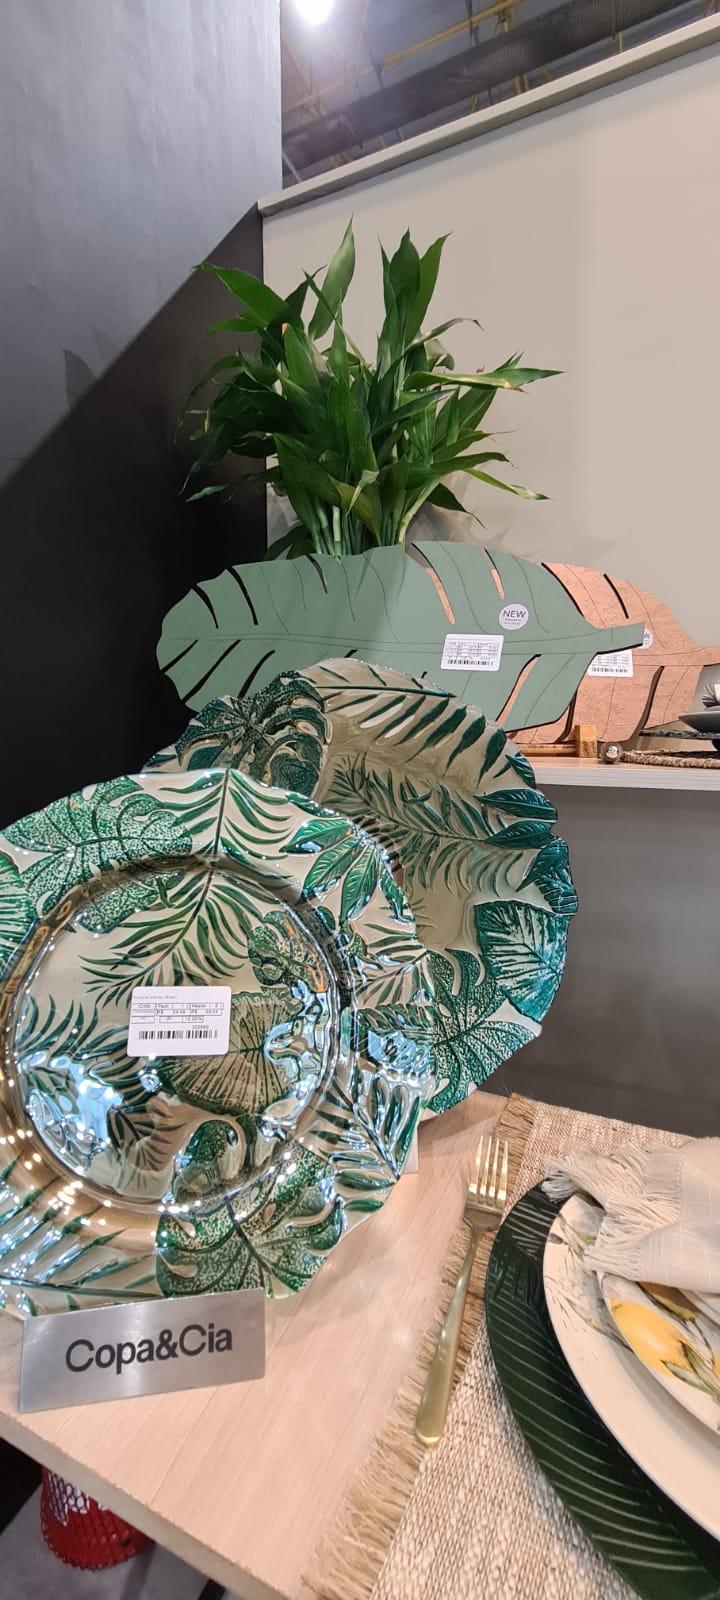 Decoração de mesa da Copa & Cia inspirada em folhagens de diversos tipos e tamanhos.